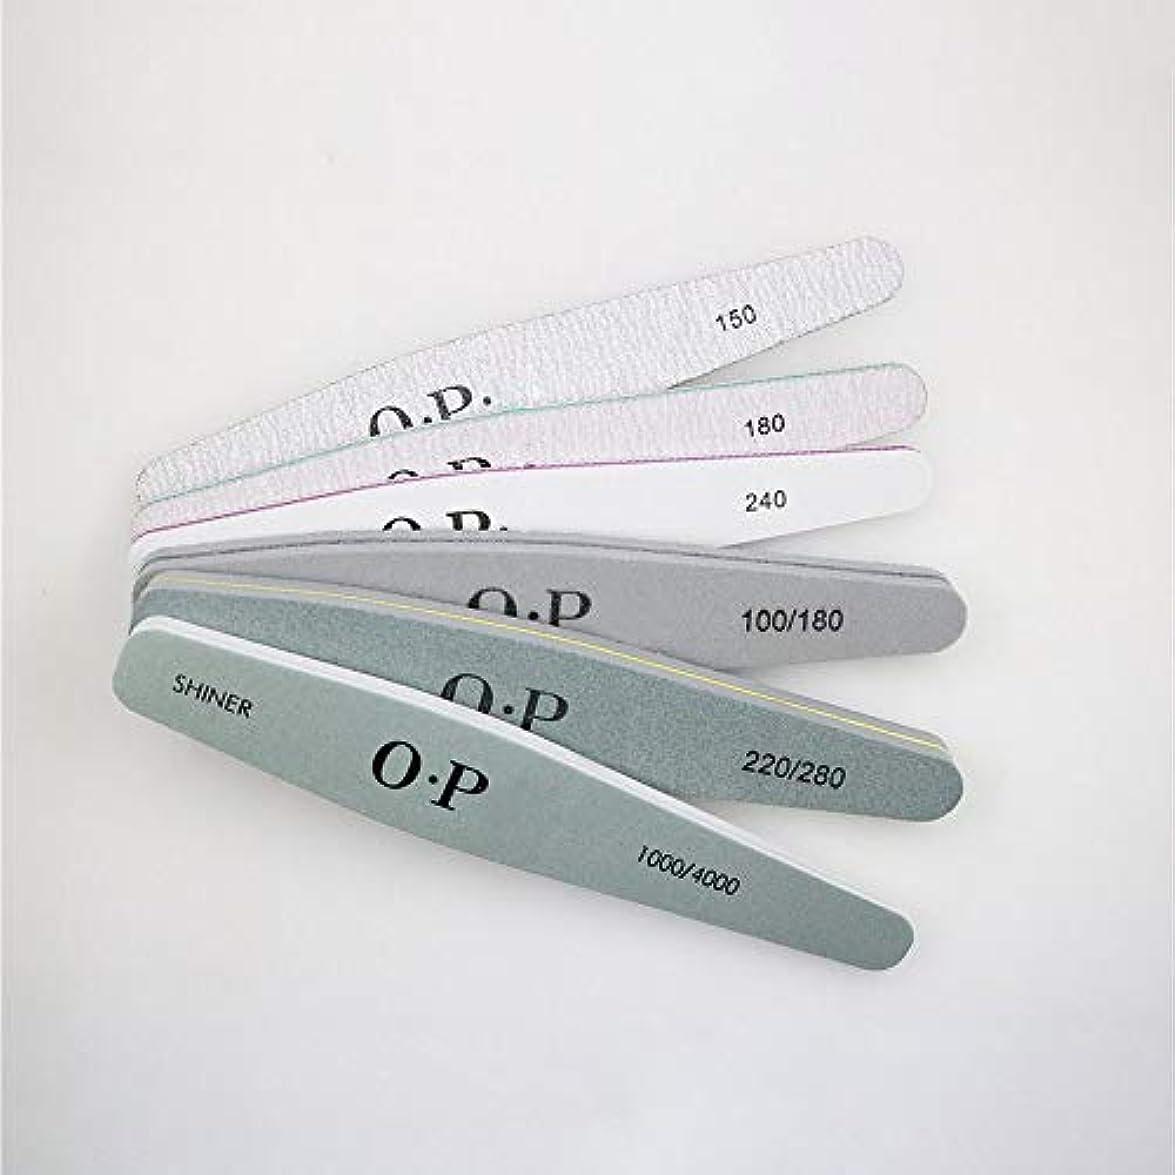 名前エレガント医療の爪やすり ジェルネイルファイル プロネイルバッファー 爪磨き ソフトファイル 両面使える (6本セット )